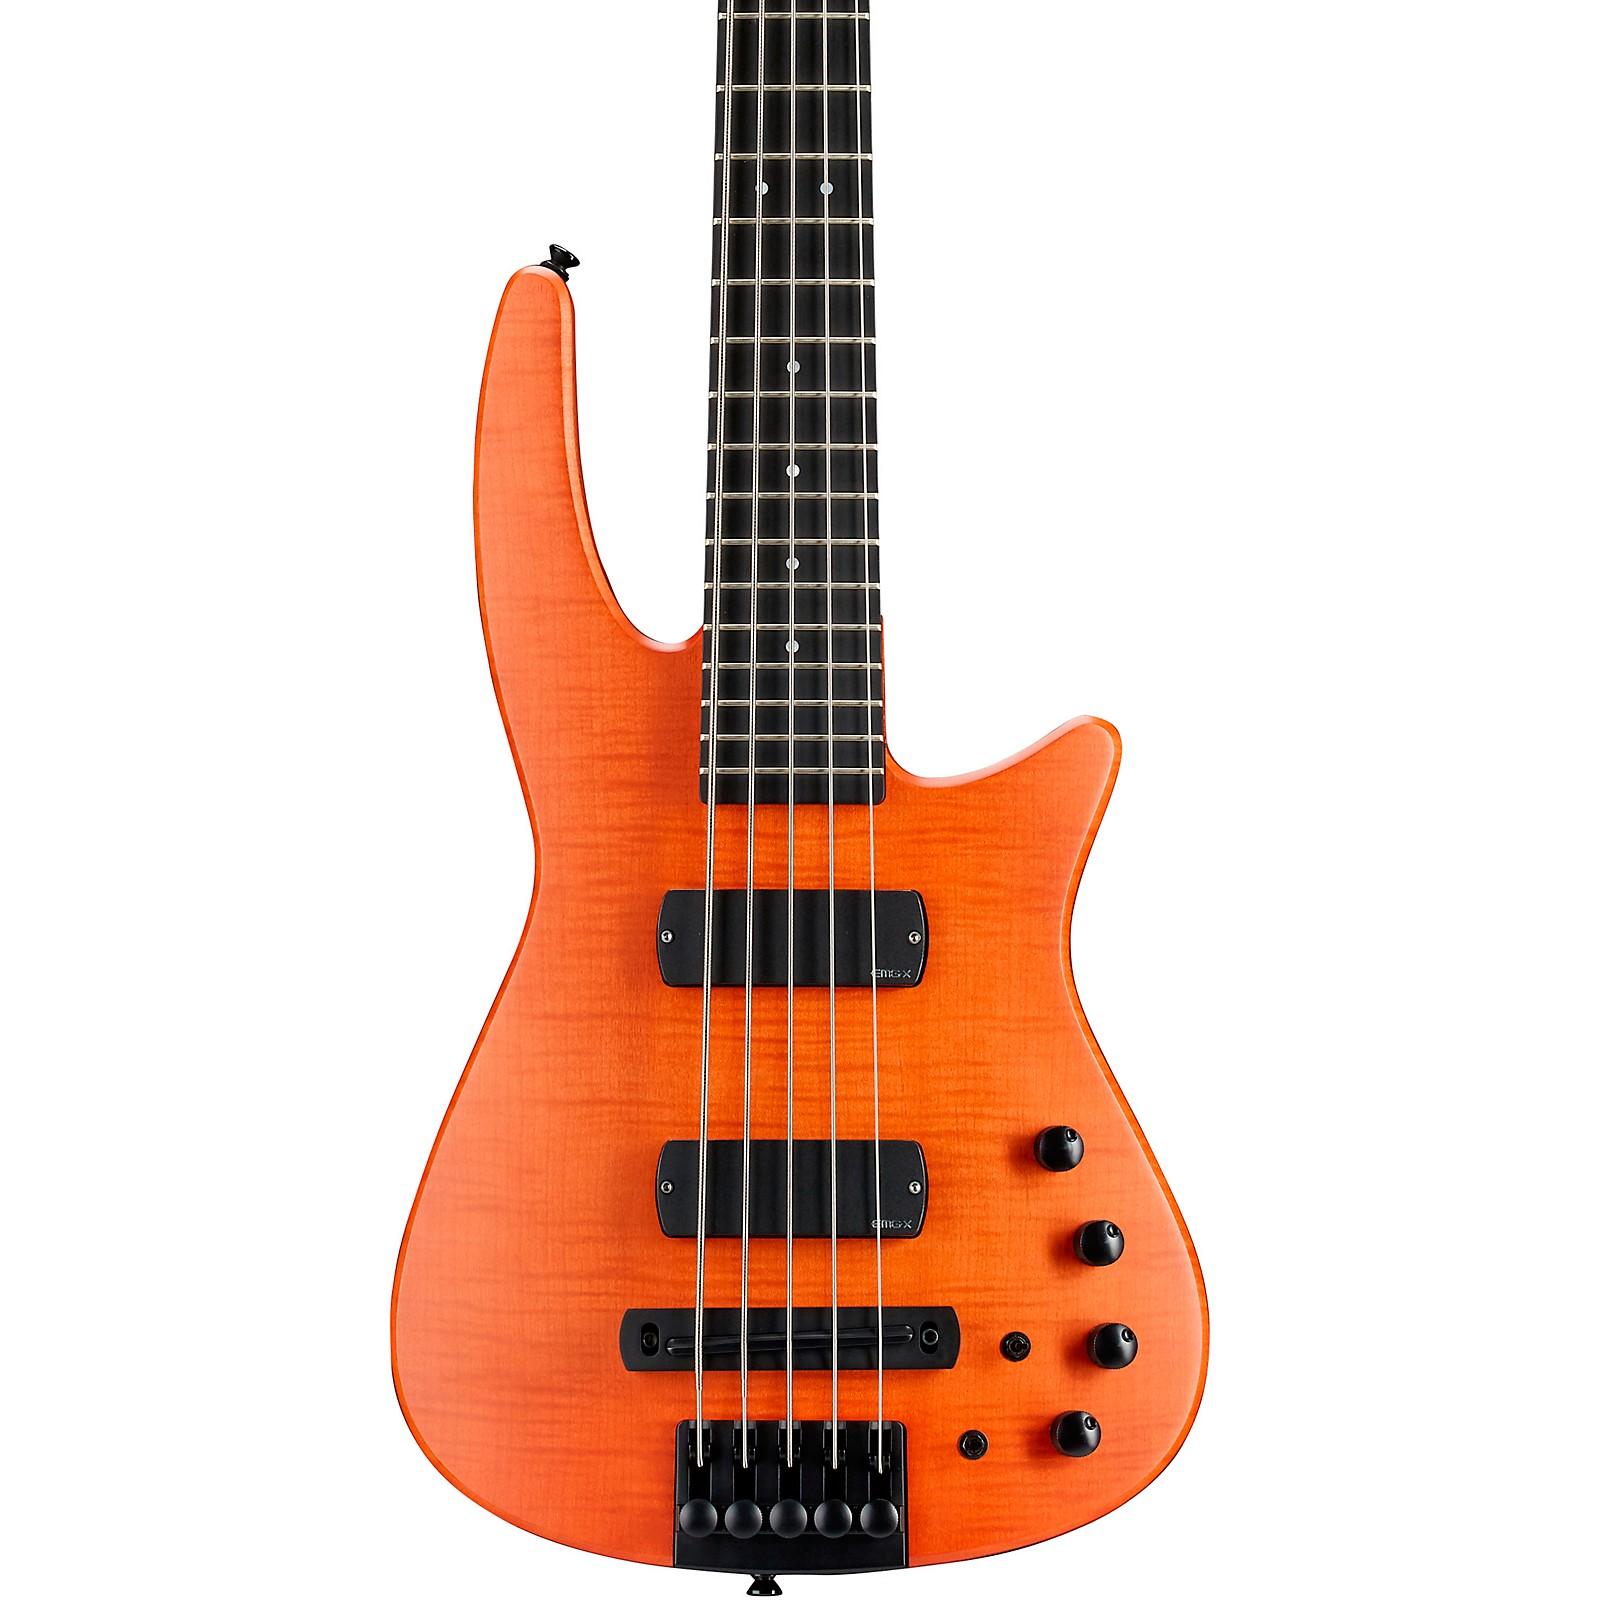 NS Design CR5 RADIUS Bass Guitar